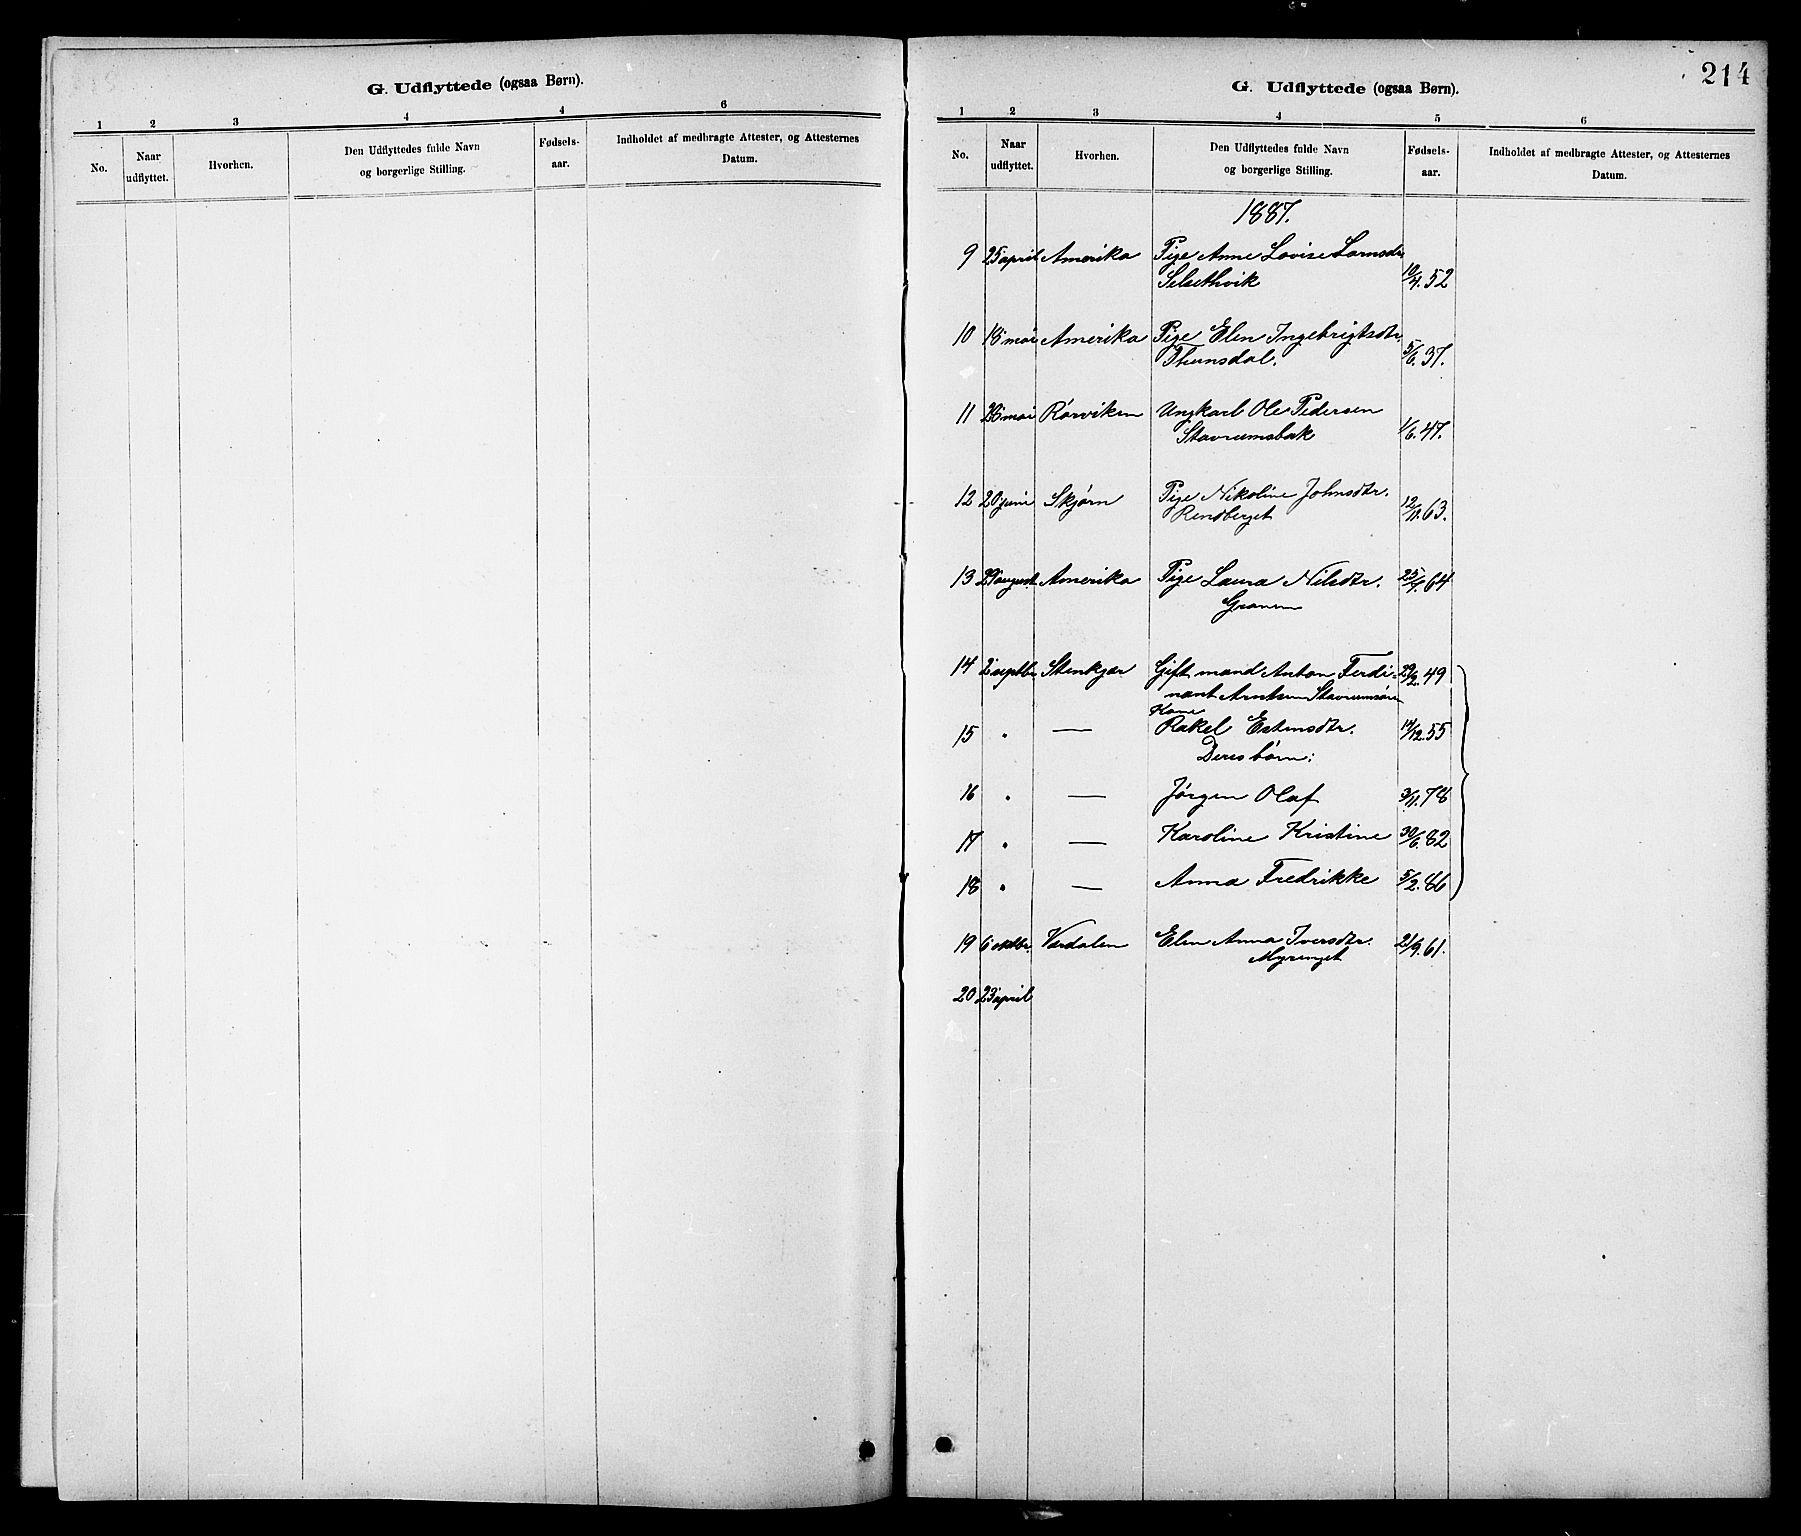 SAT, Ministerialprotokoller, klokkerbøker og fødselsregistre - Nord-Trøndelag, 744/L0423: Klokkerbok nr. 744C02, 1886-1905, s. 214